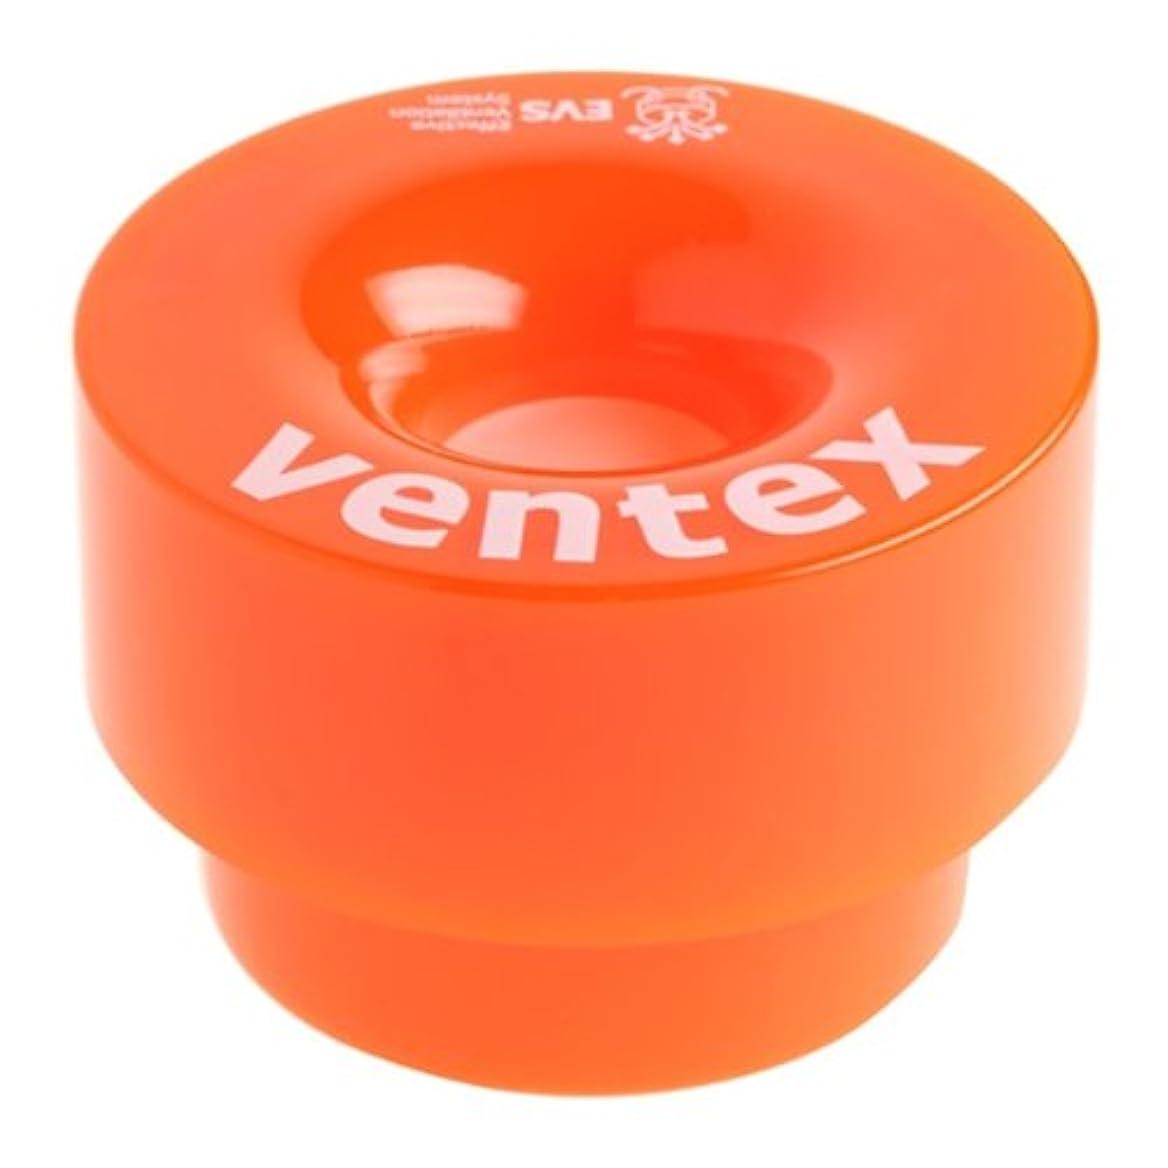 掃除ピボット陰謀ventex(ベンテックス) ゲルエアフレッシュナー レーシングオレンジー 60g (芳香剤)